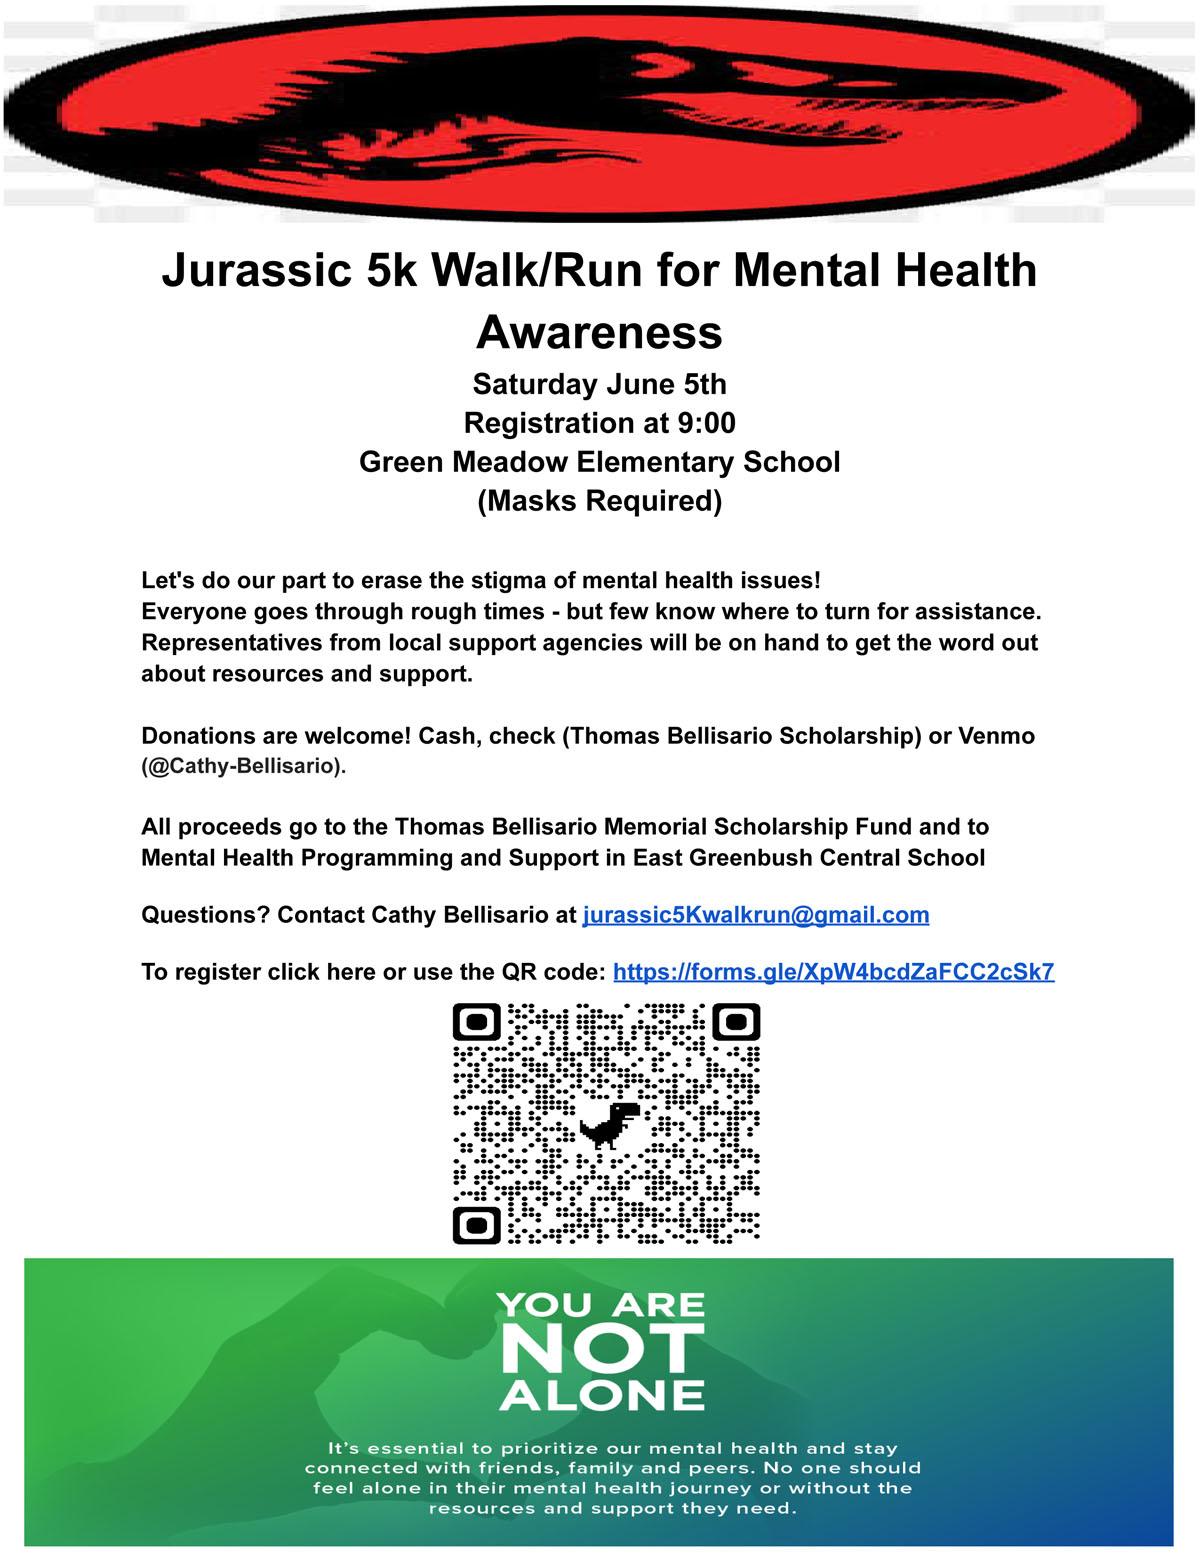 Jurassic 5k for Mental Health Awareness flyer